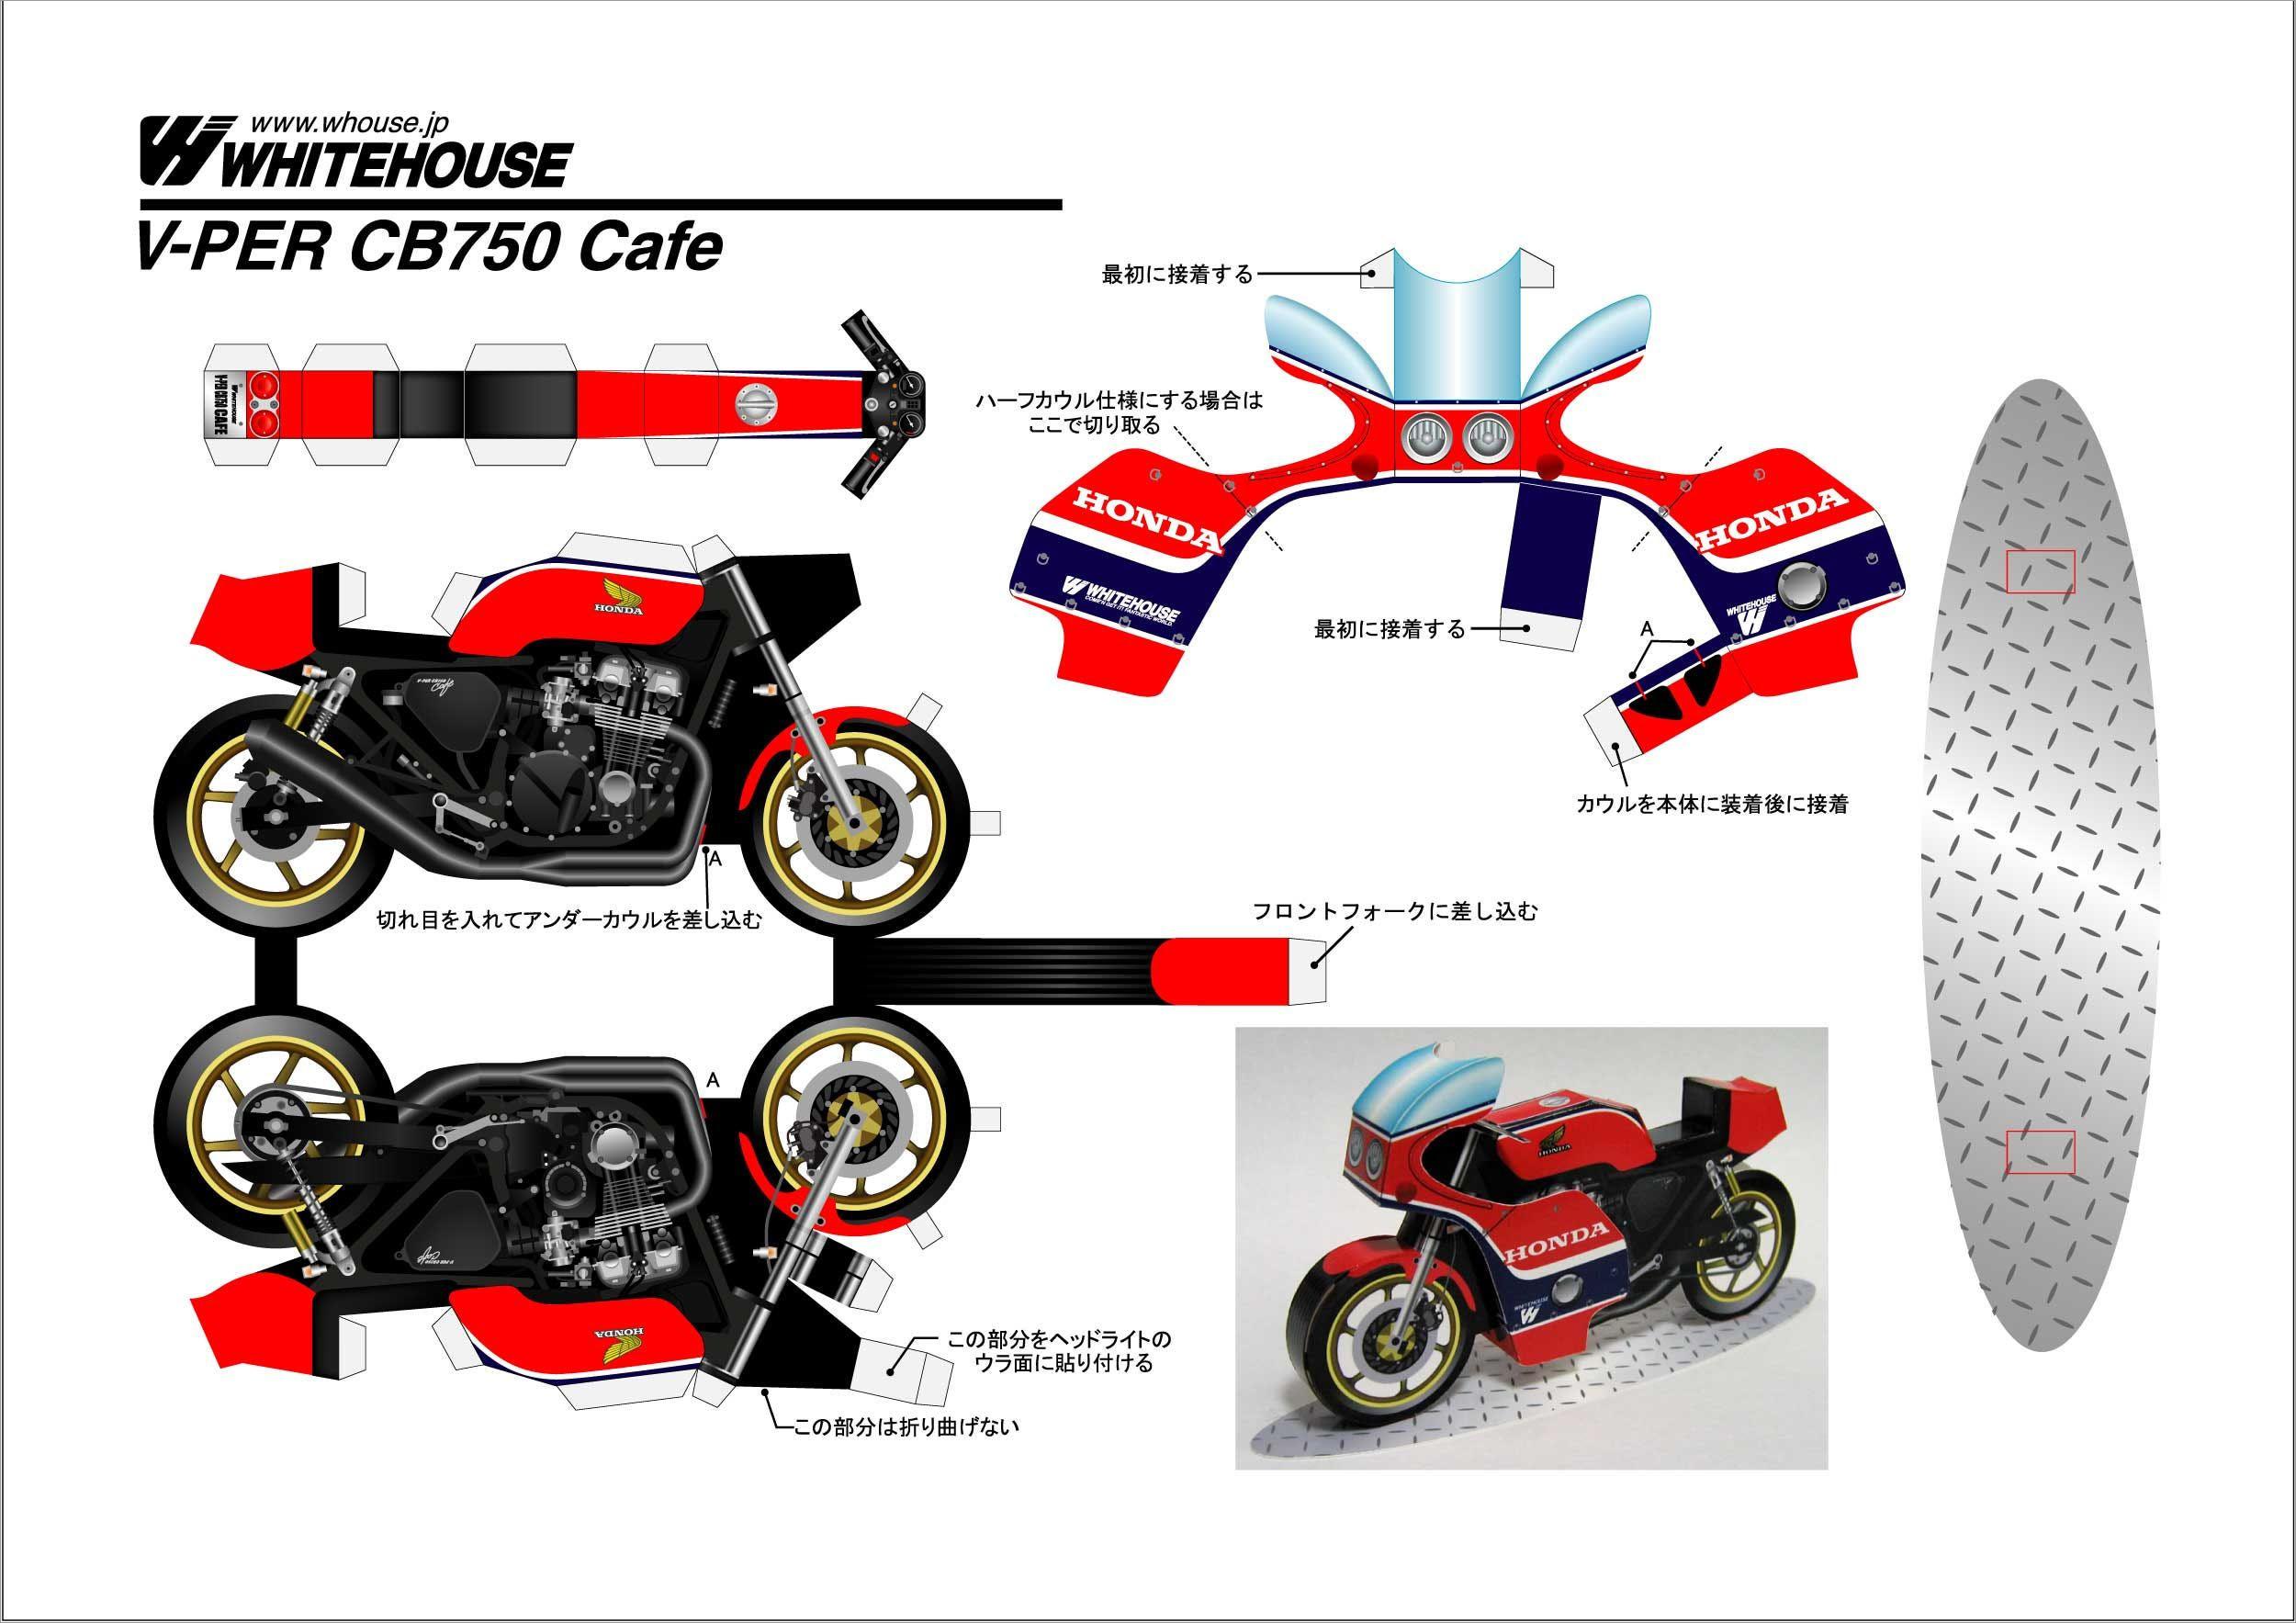 Motorcycle Papercraft Honda Cb750 Papercraft Template by Sarah